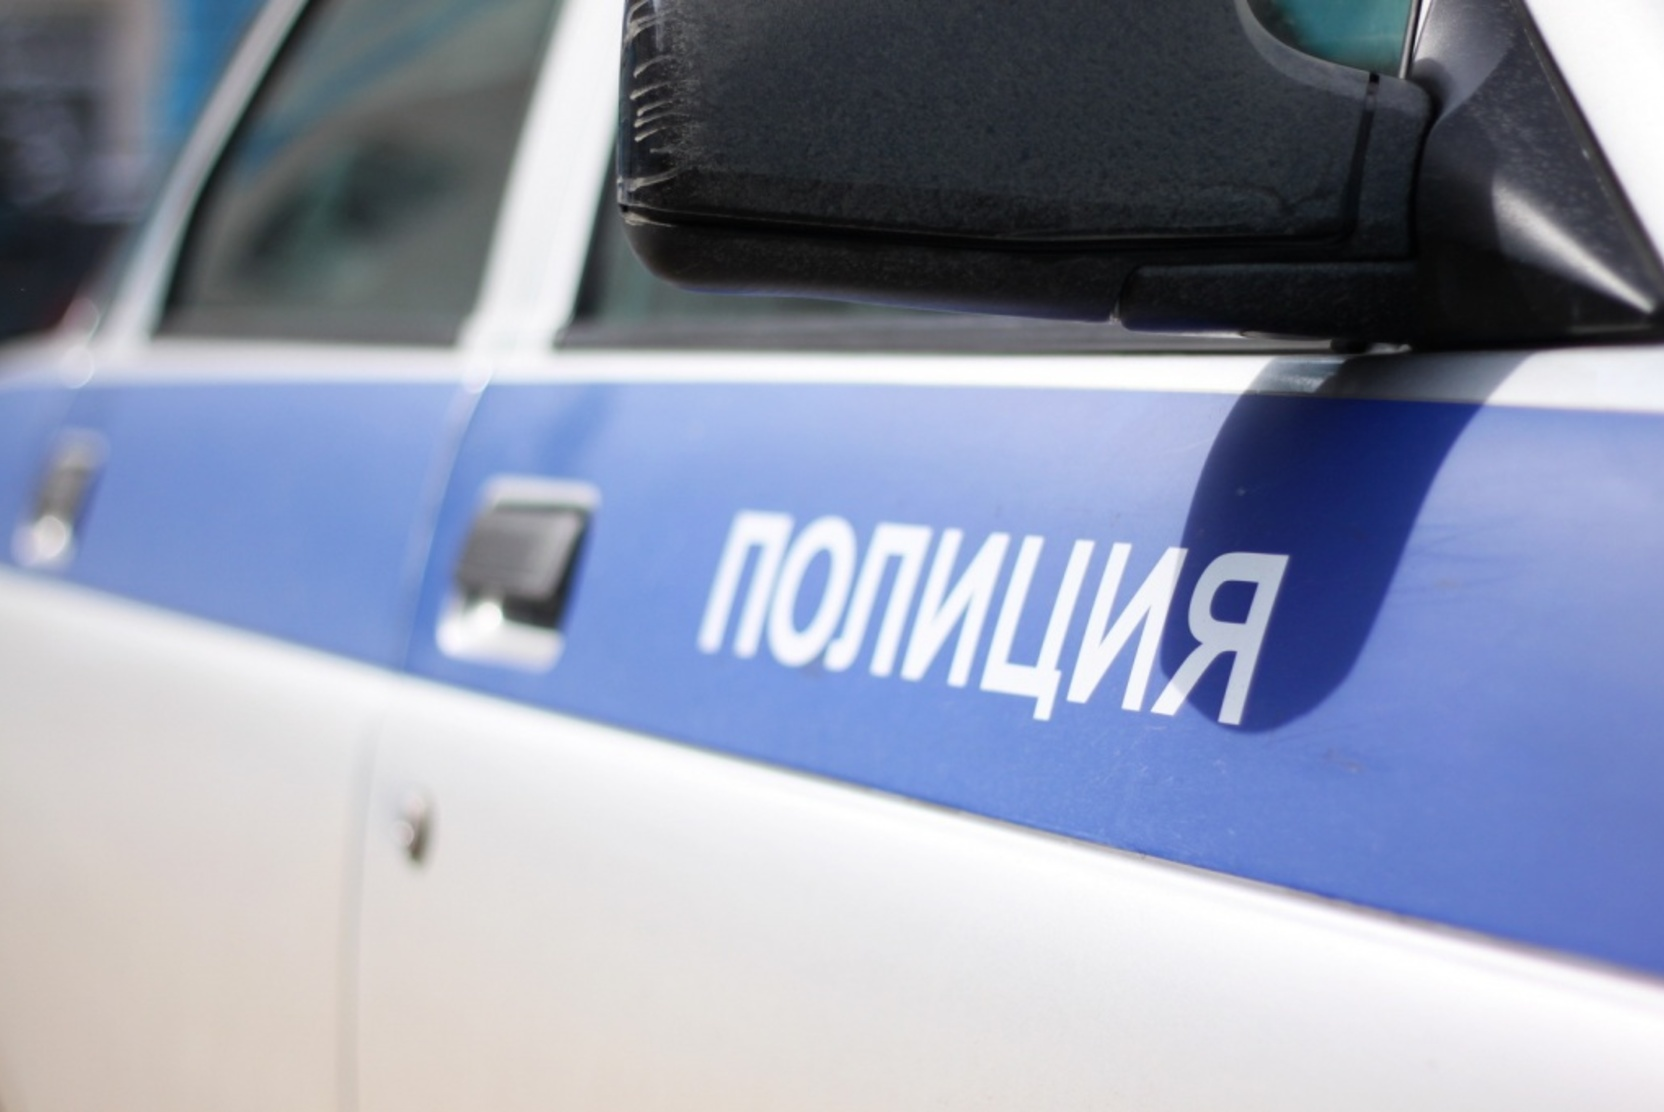 МВД России планирует запустить систему Паутина до конца года